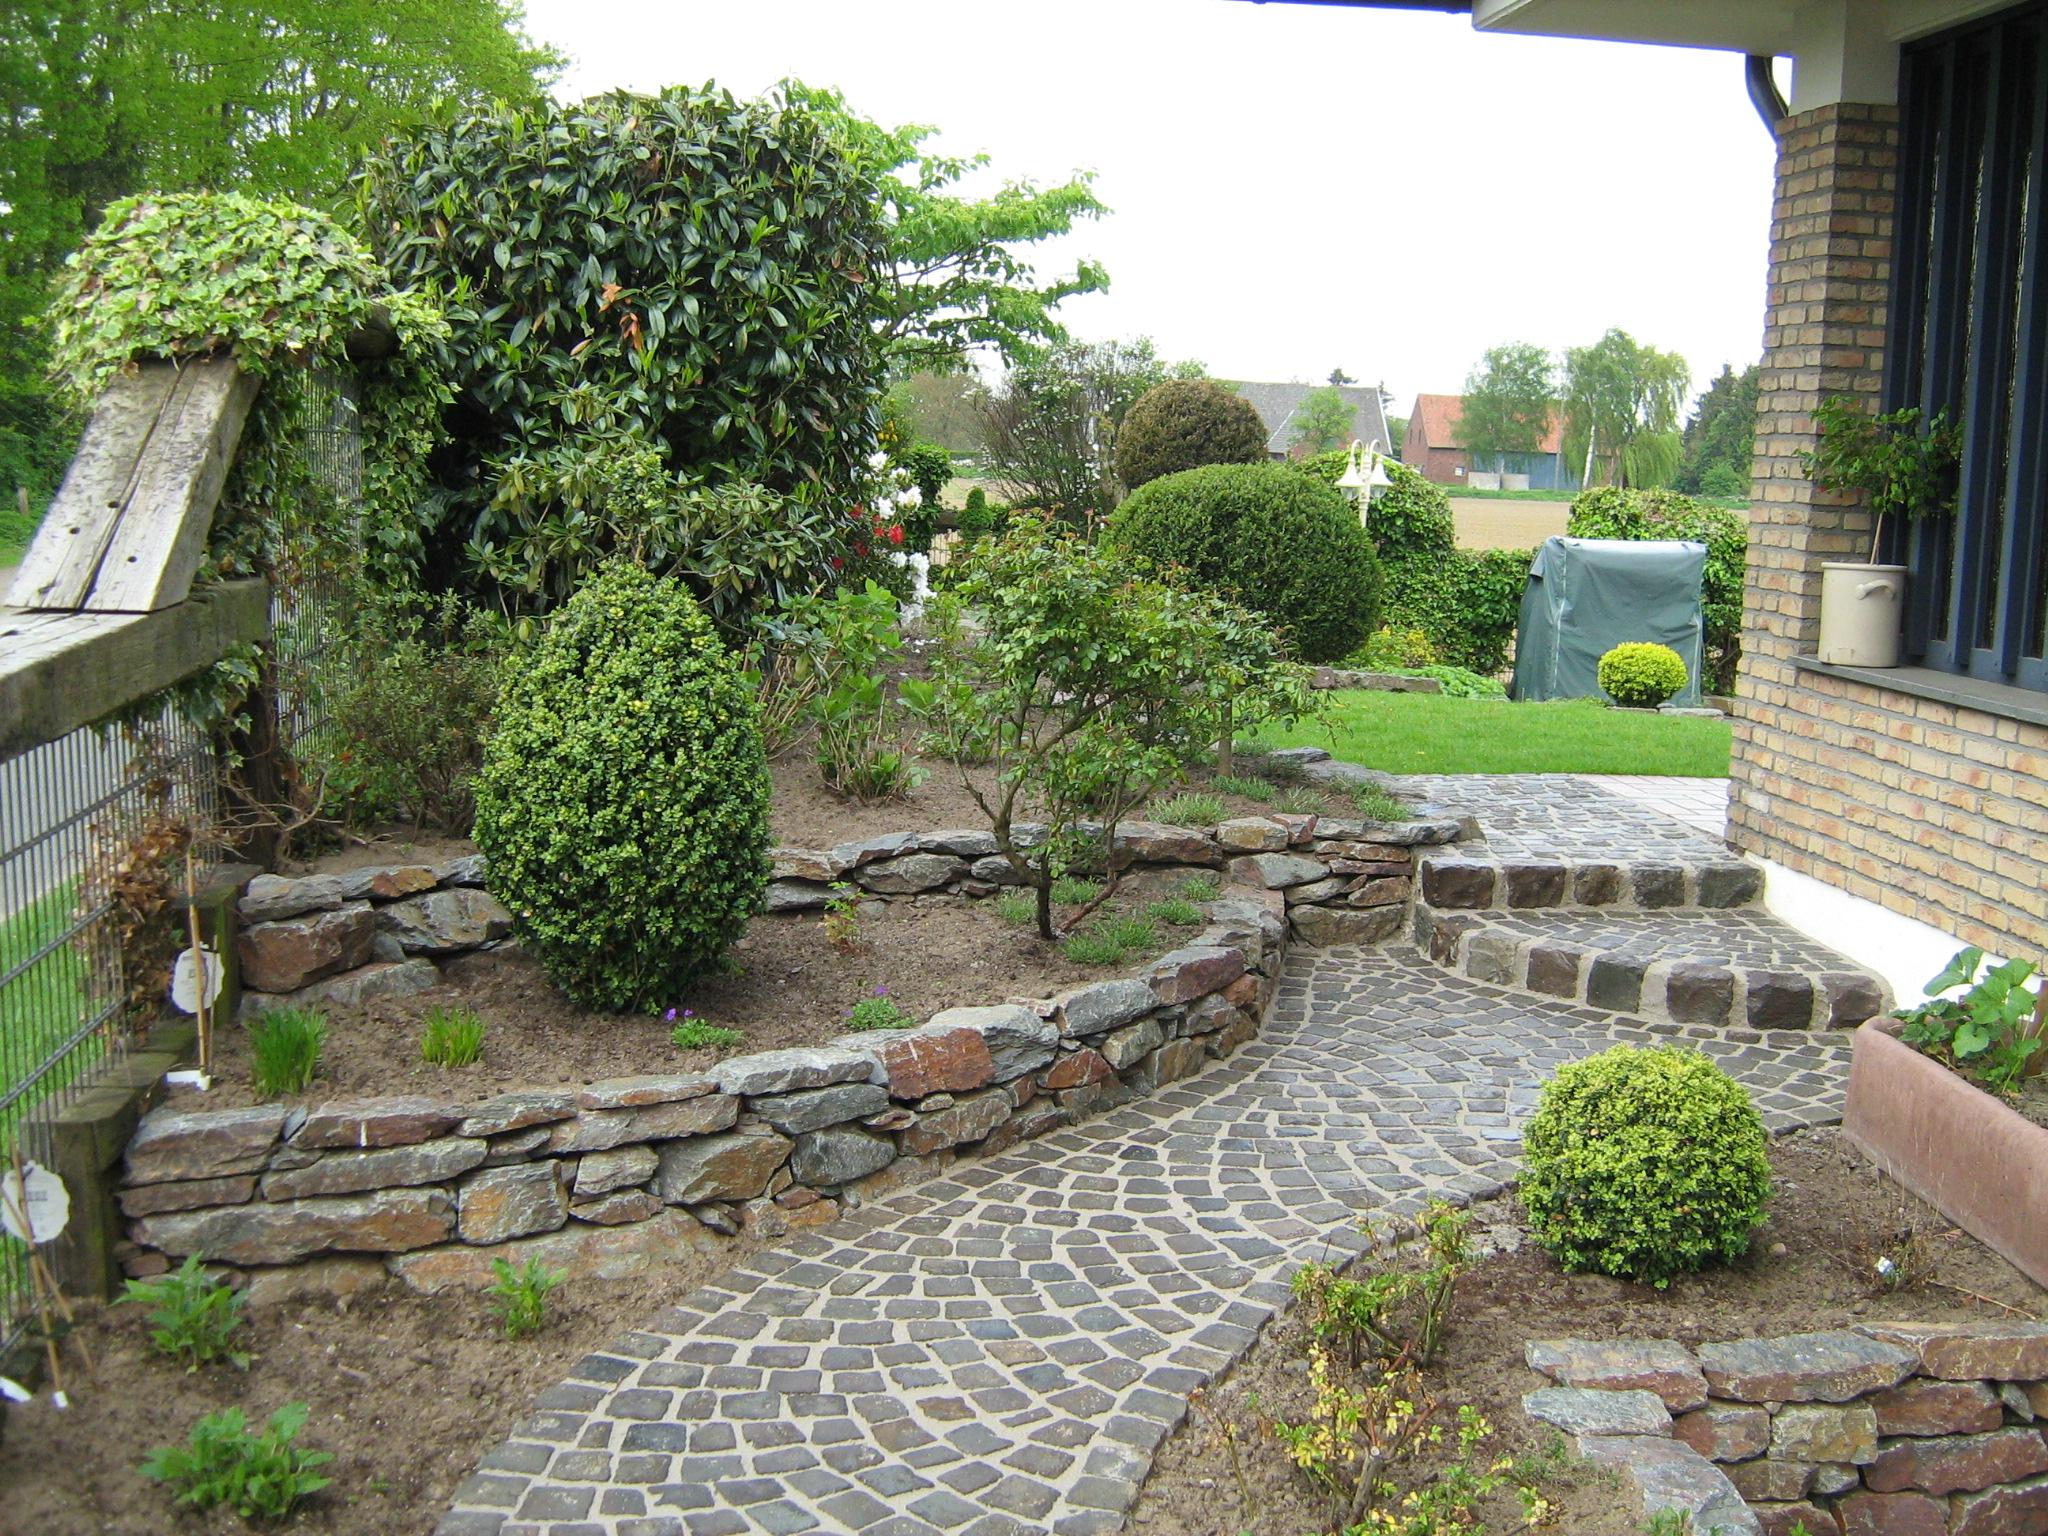 Garten und landschaftsbau b bauhaus bocholt gartengestaltung pflasterarbeiten baumpflege - Gartengestaltung bocholt ...